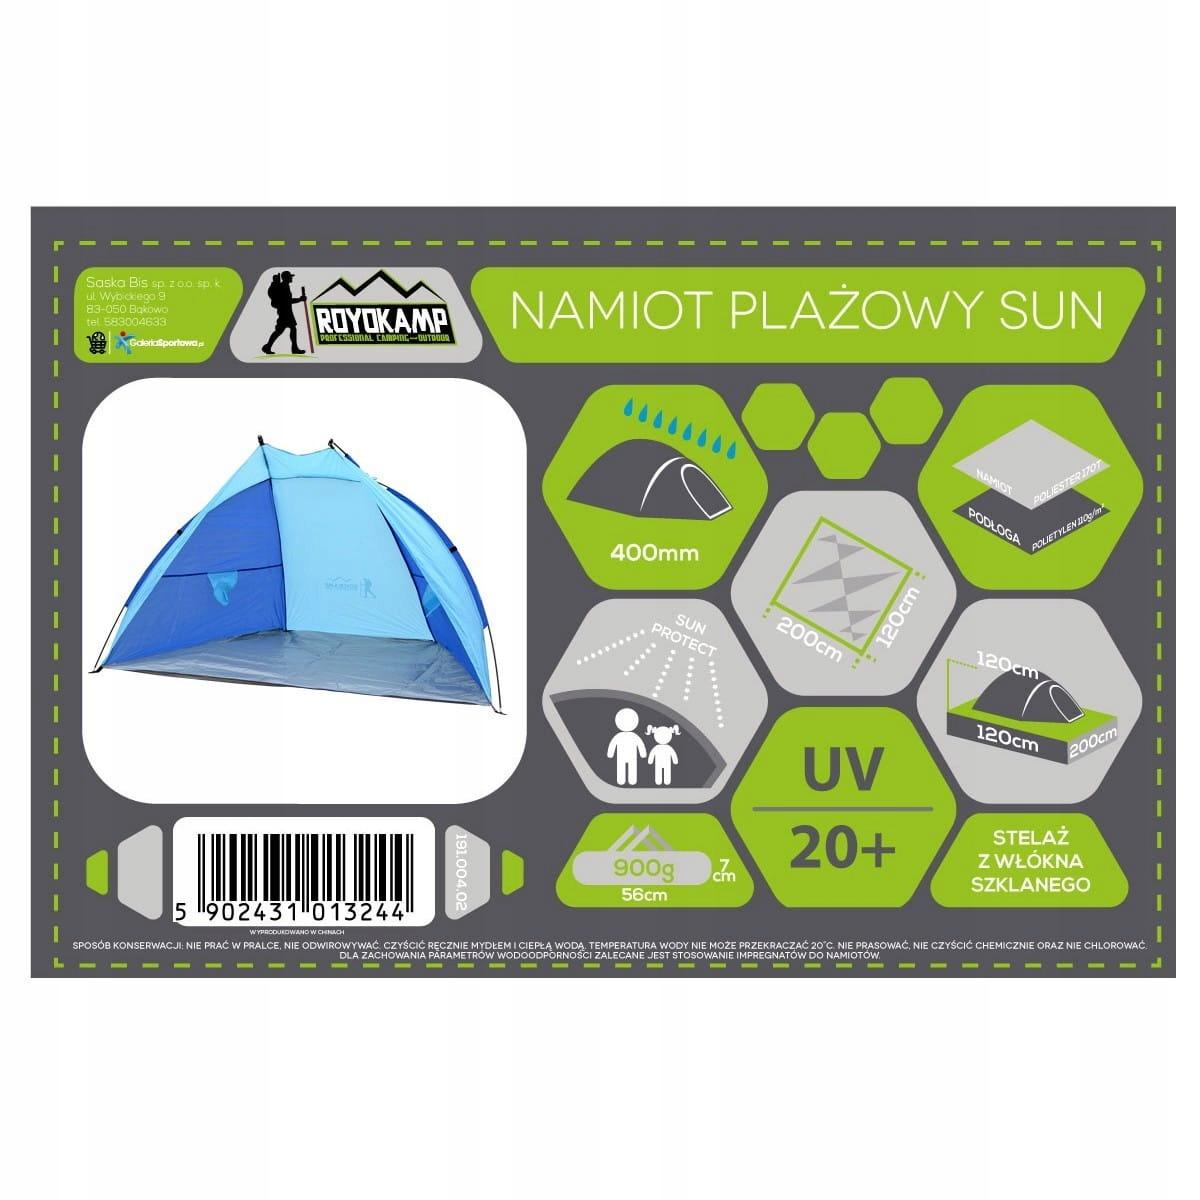 Namiot Plażowy Niebieski 200X120X120 Cm Royokamp